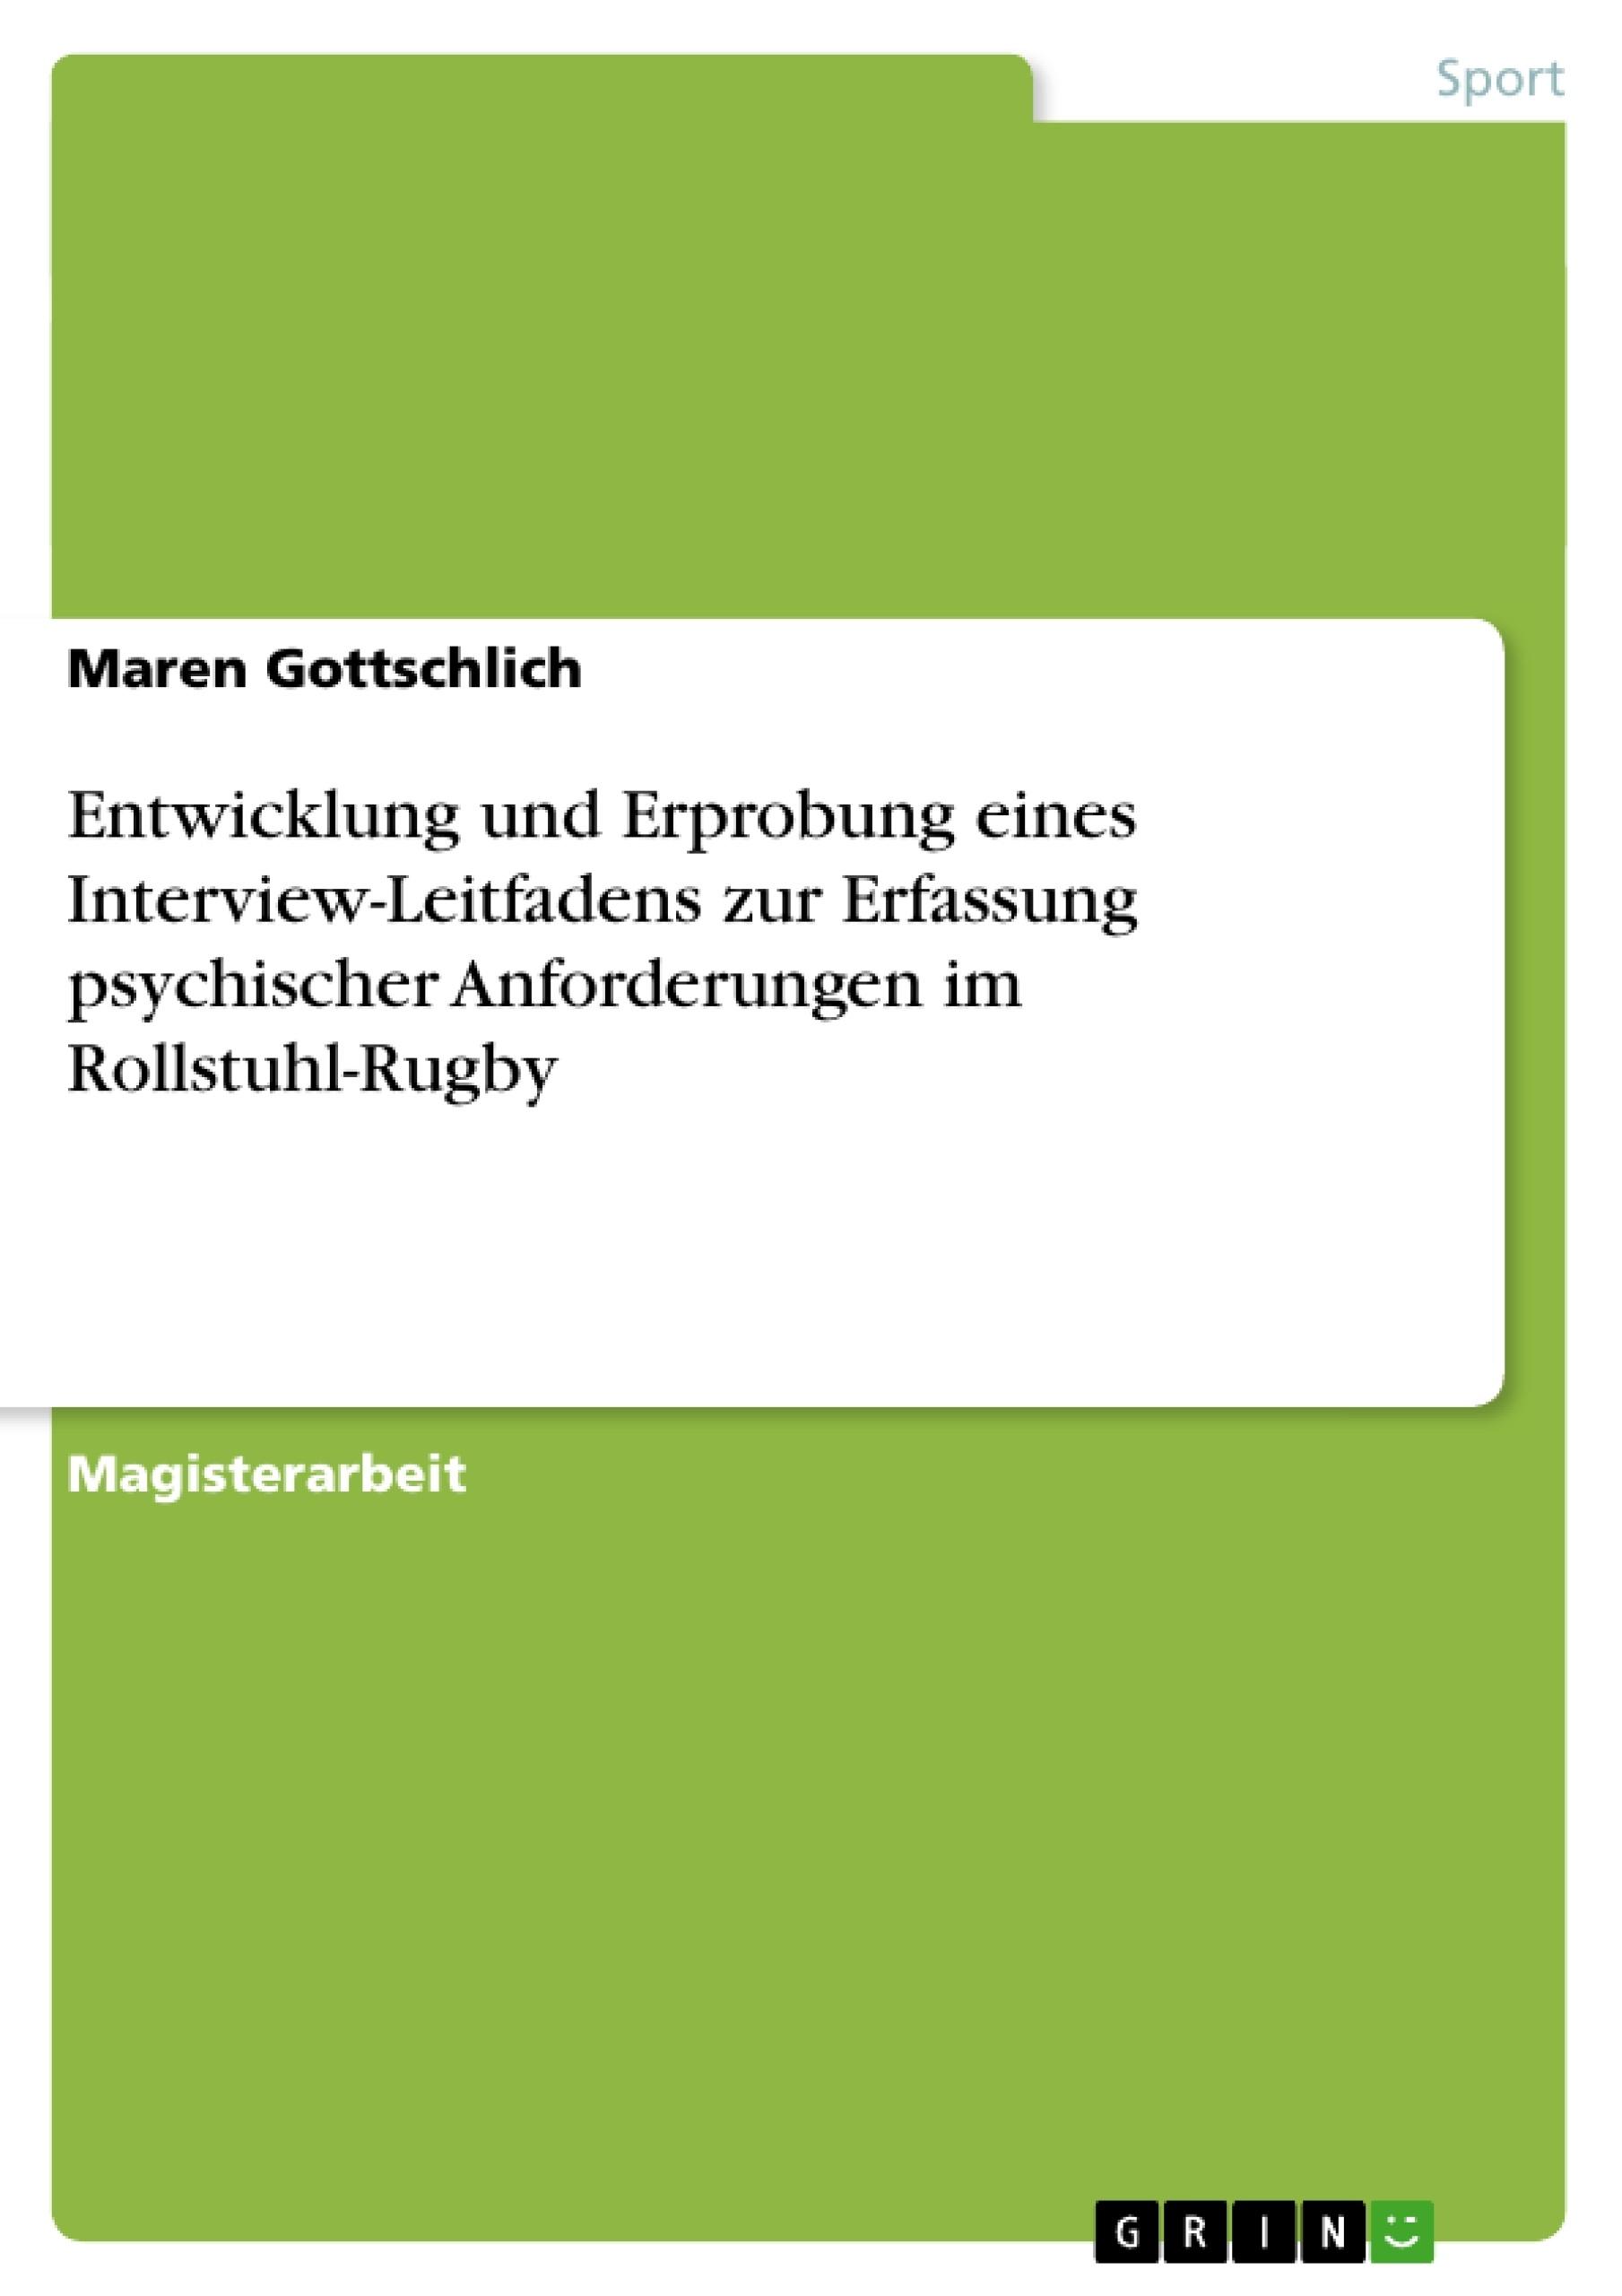 Titel: Entwicklung und Erprobung eines Interview-Leitfadens zur Erfassung psychischer Anforderungen im Rollstuhl-Rugby